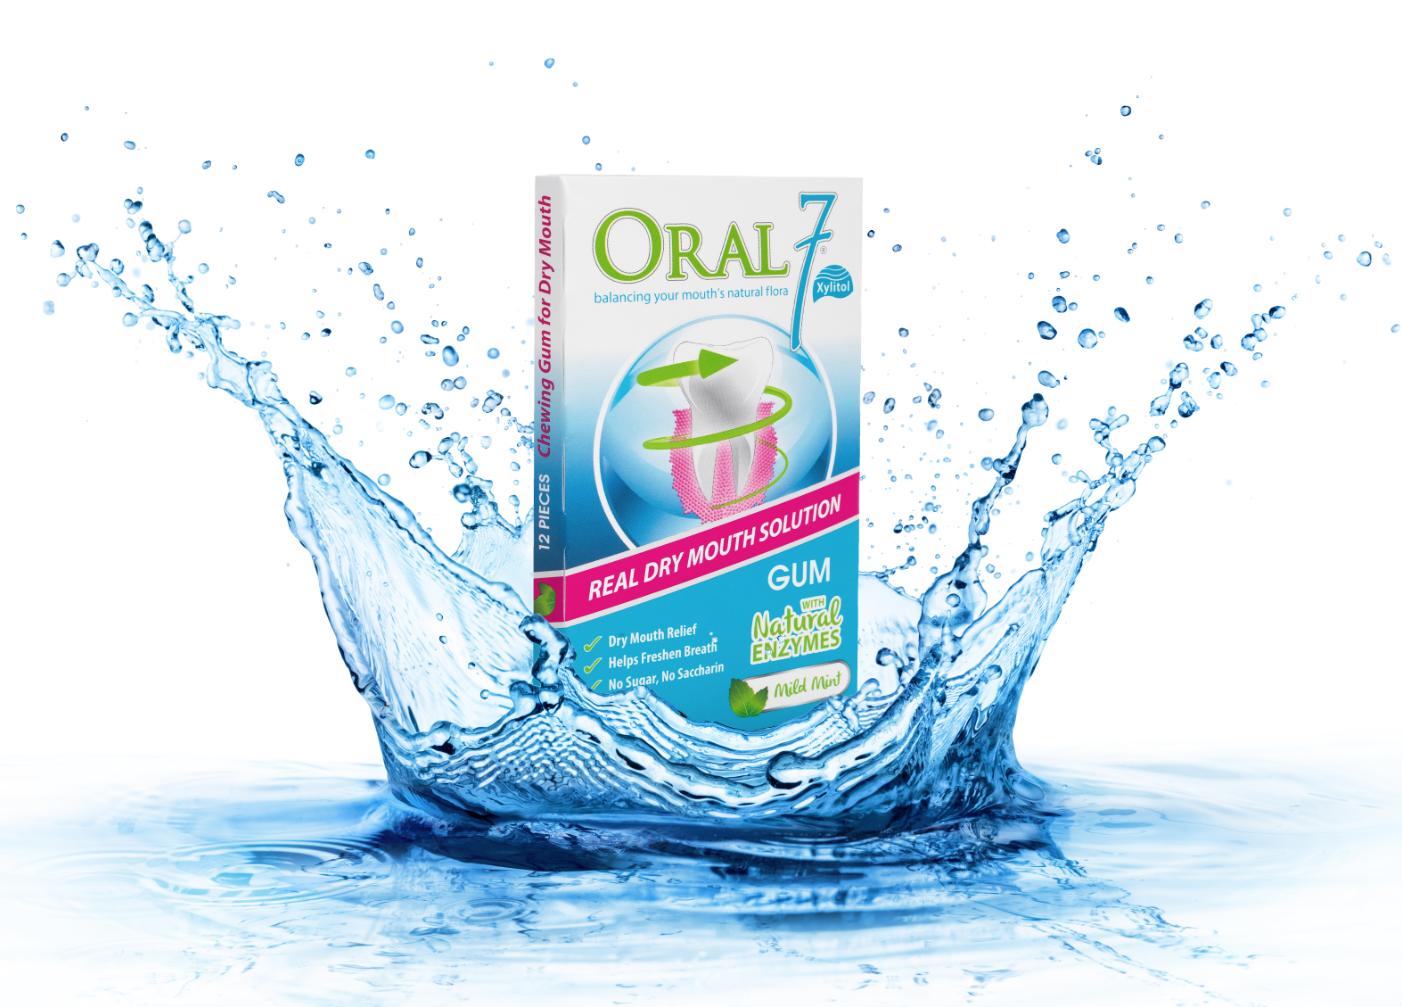 Oral7_Gum_Splash